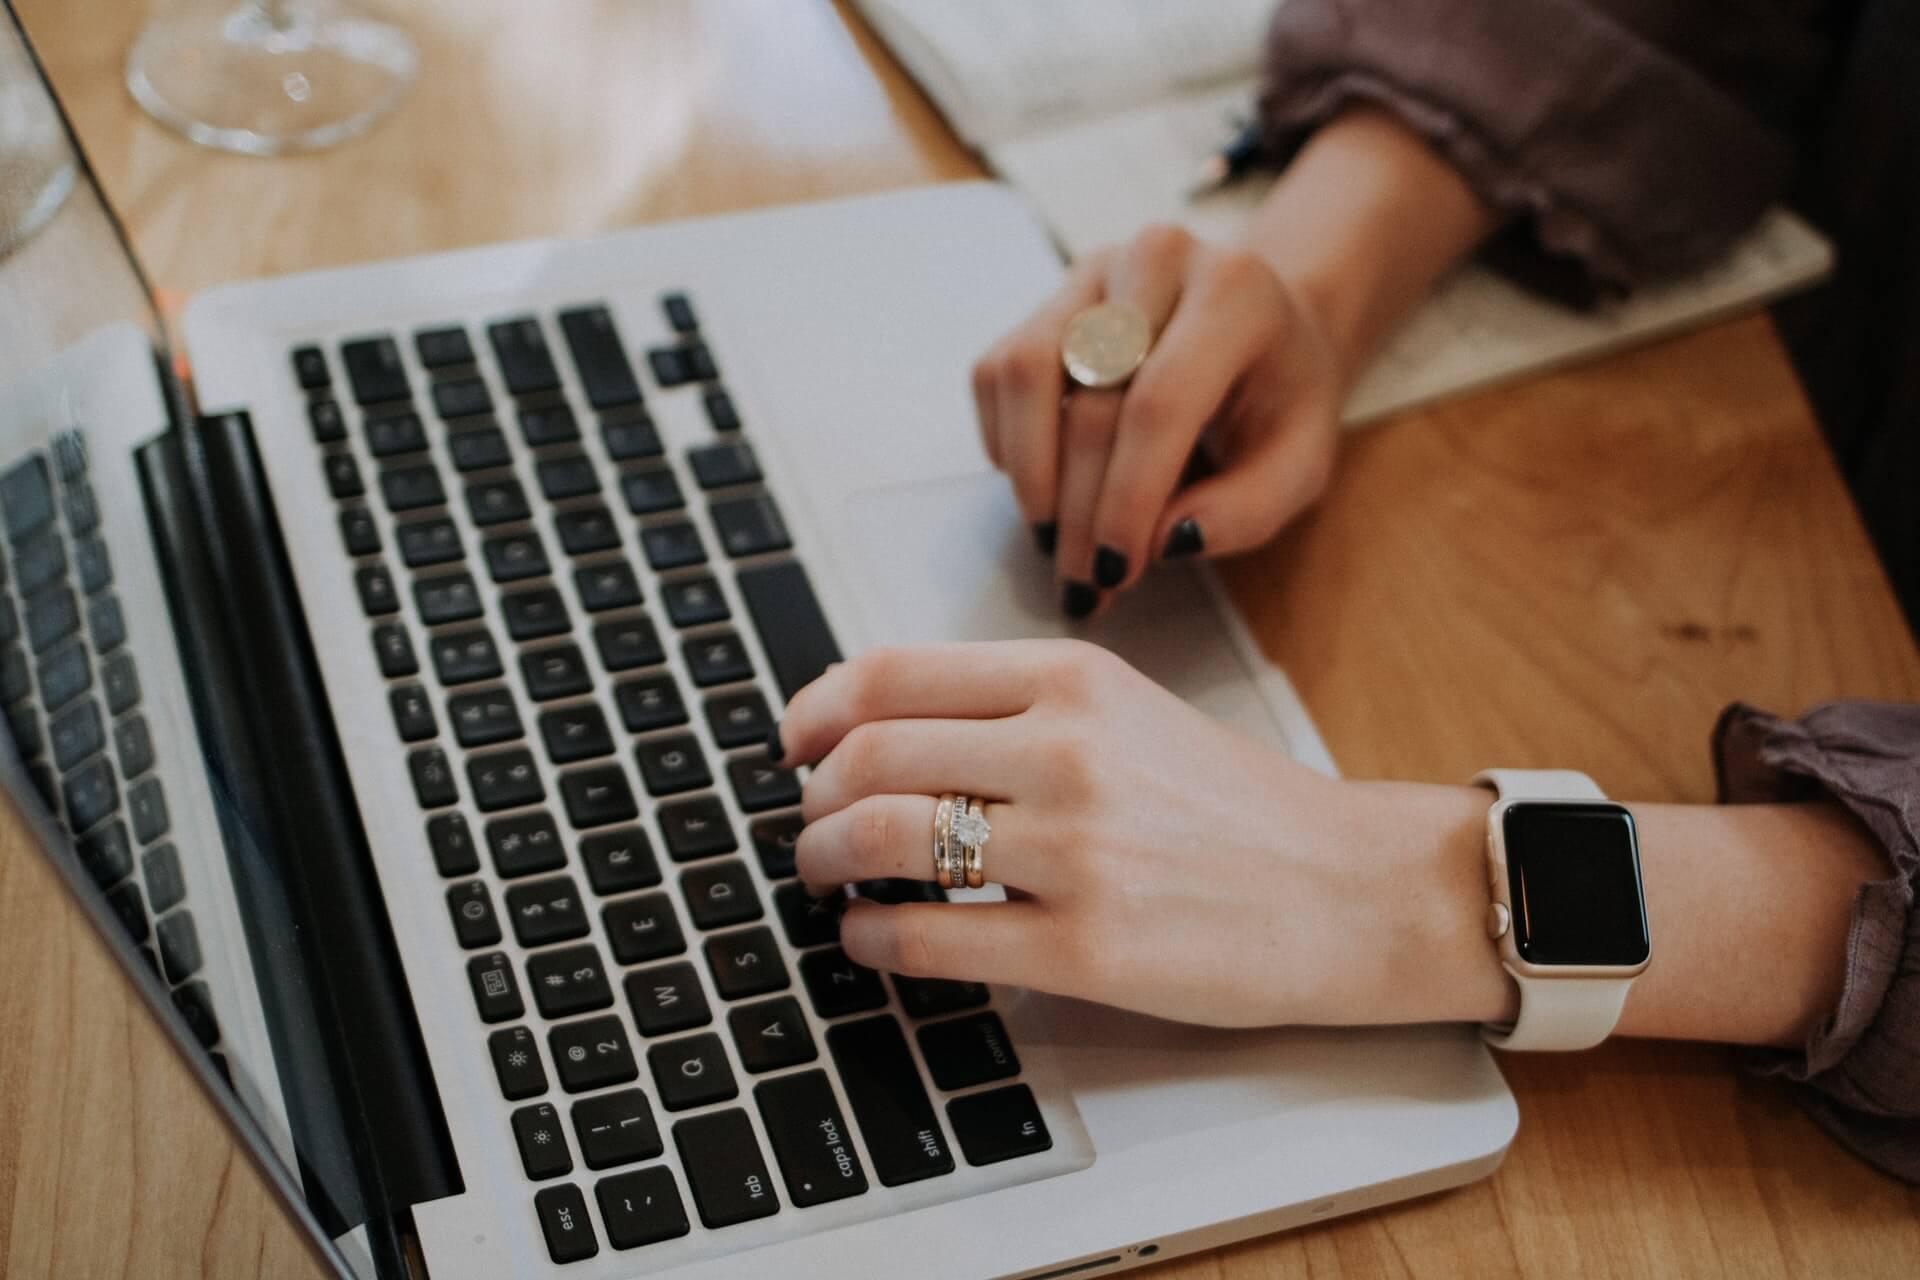 femme qui tape sur le clavier d'un ordinateur portable